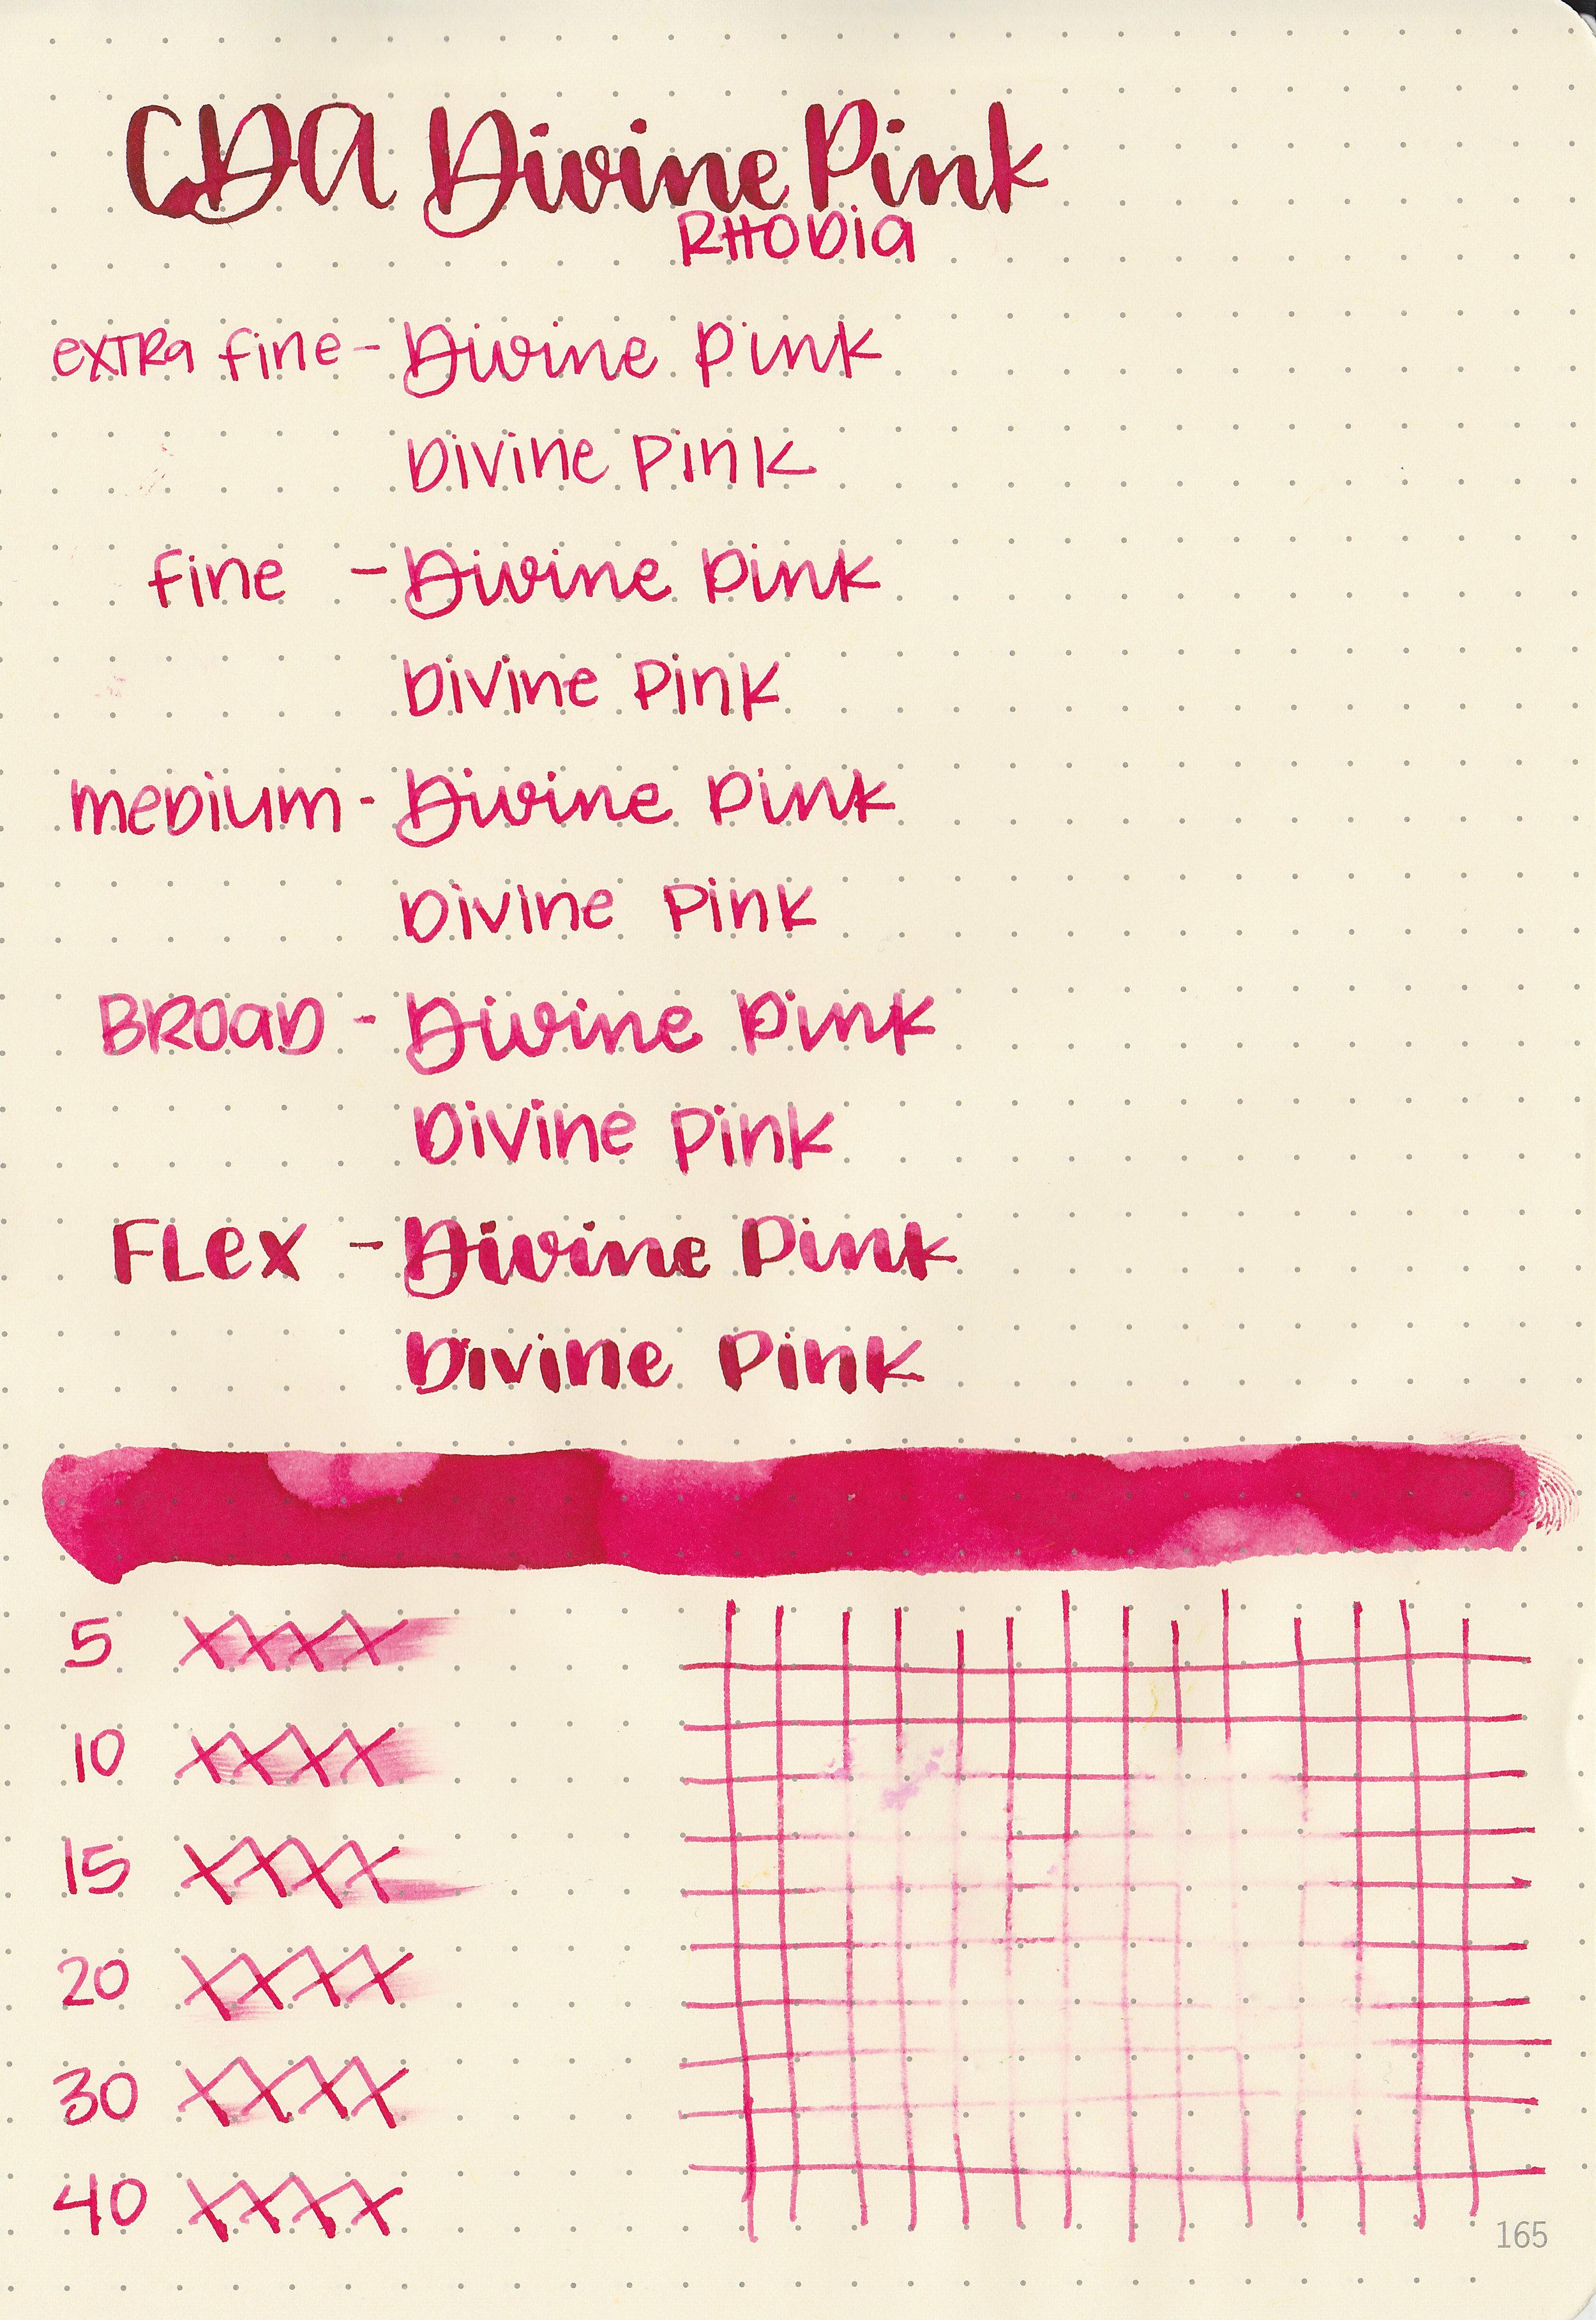 cda-divine-pink-9.jpg